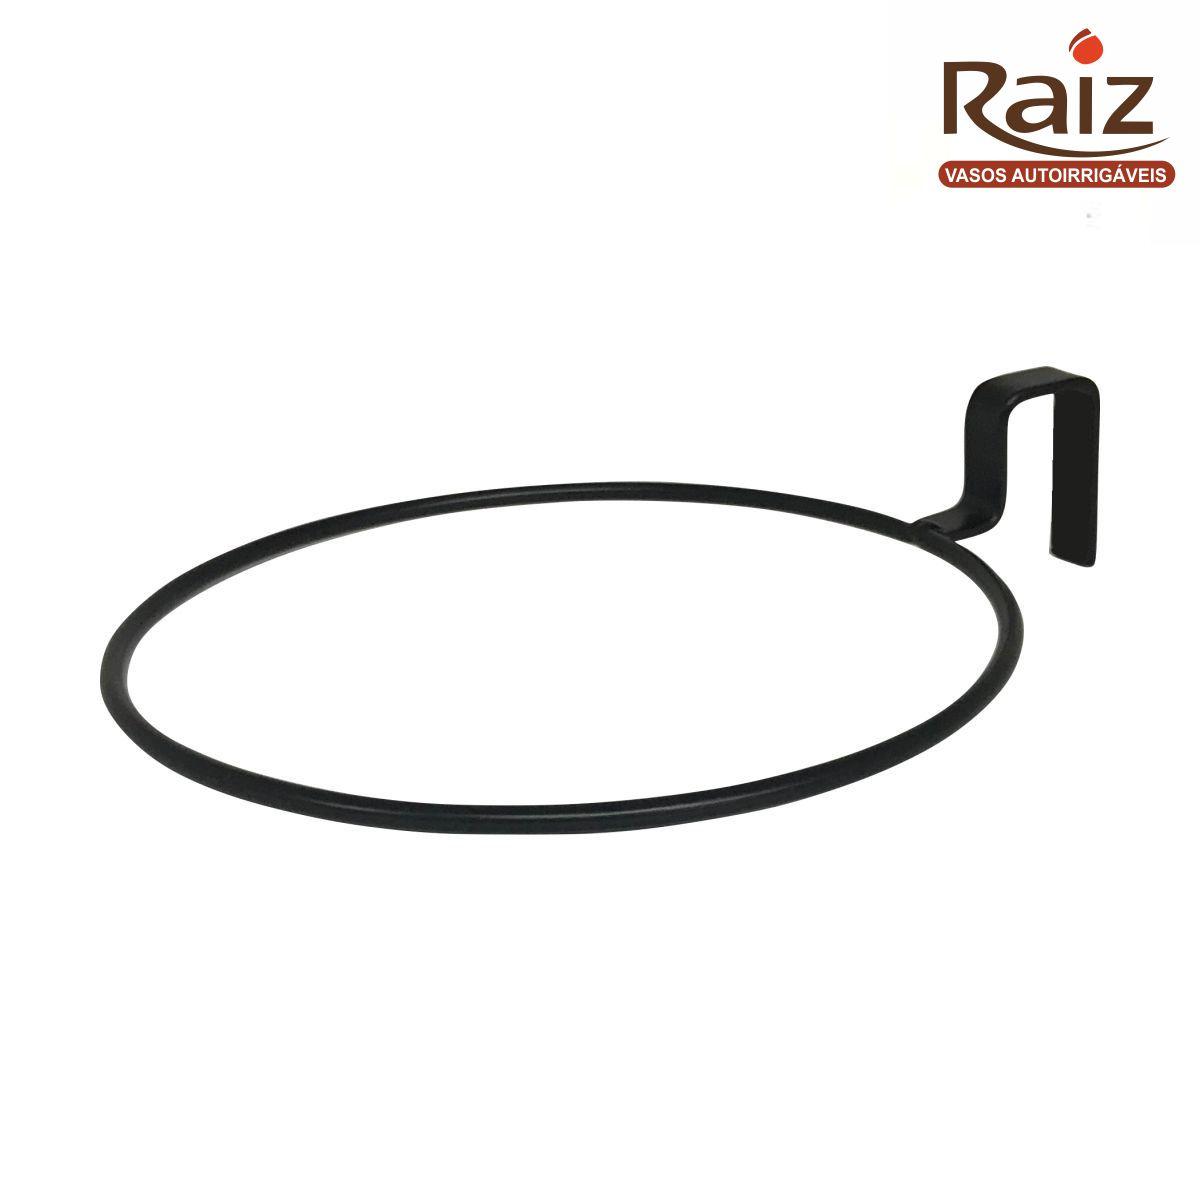 Suporte de Treliça Preto para Vaso Autoirrigável Pequeno RAIZ